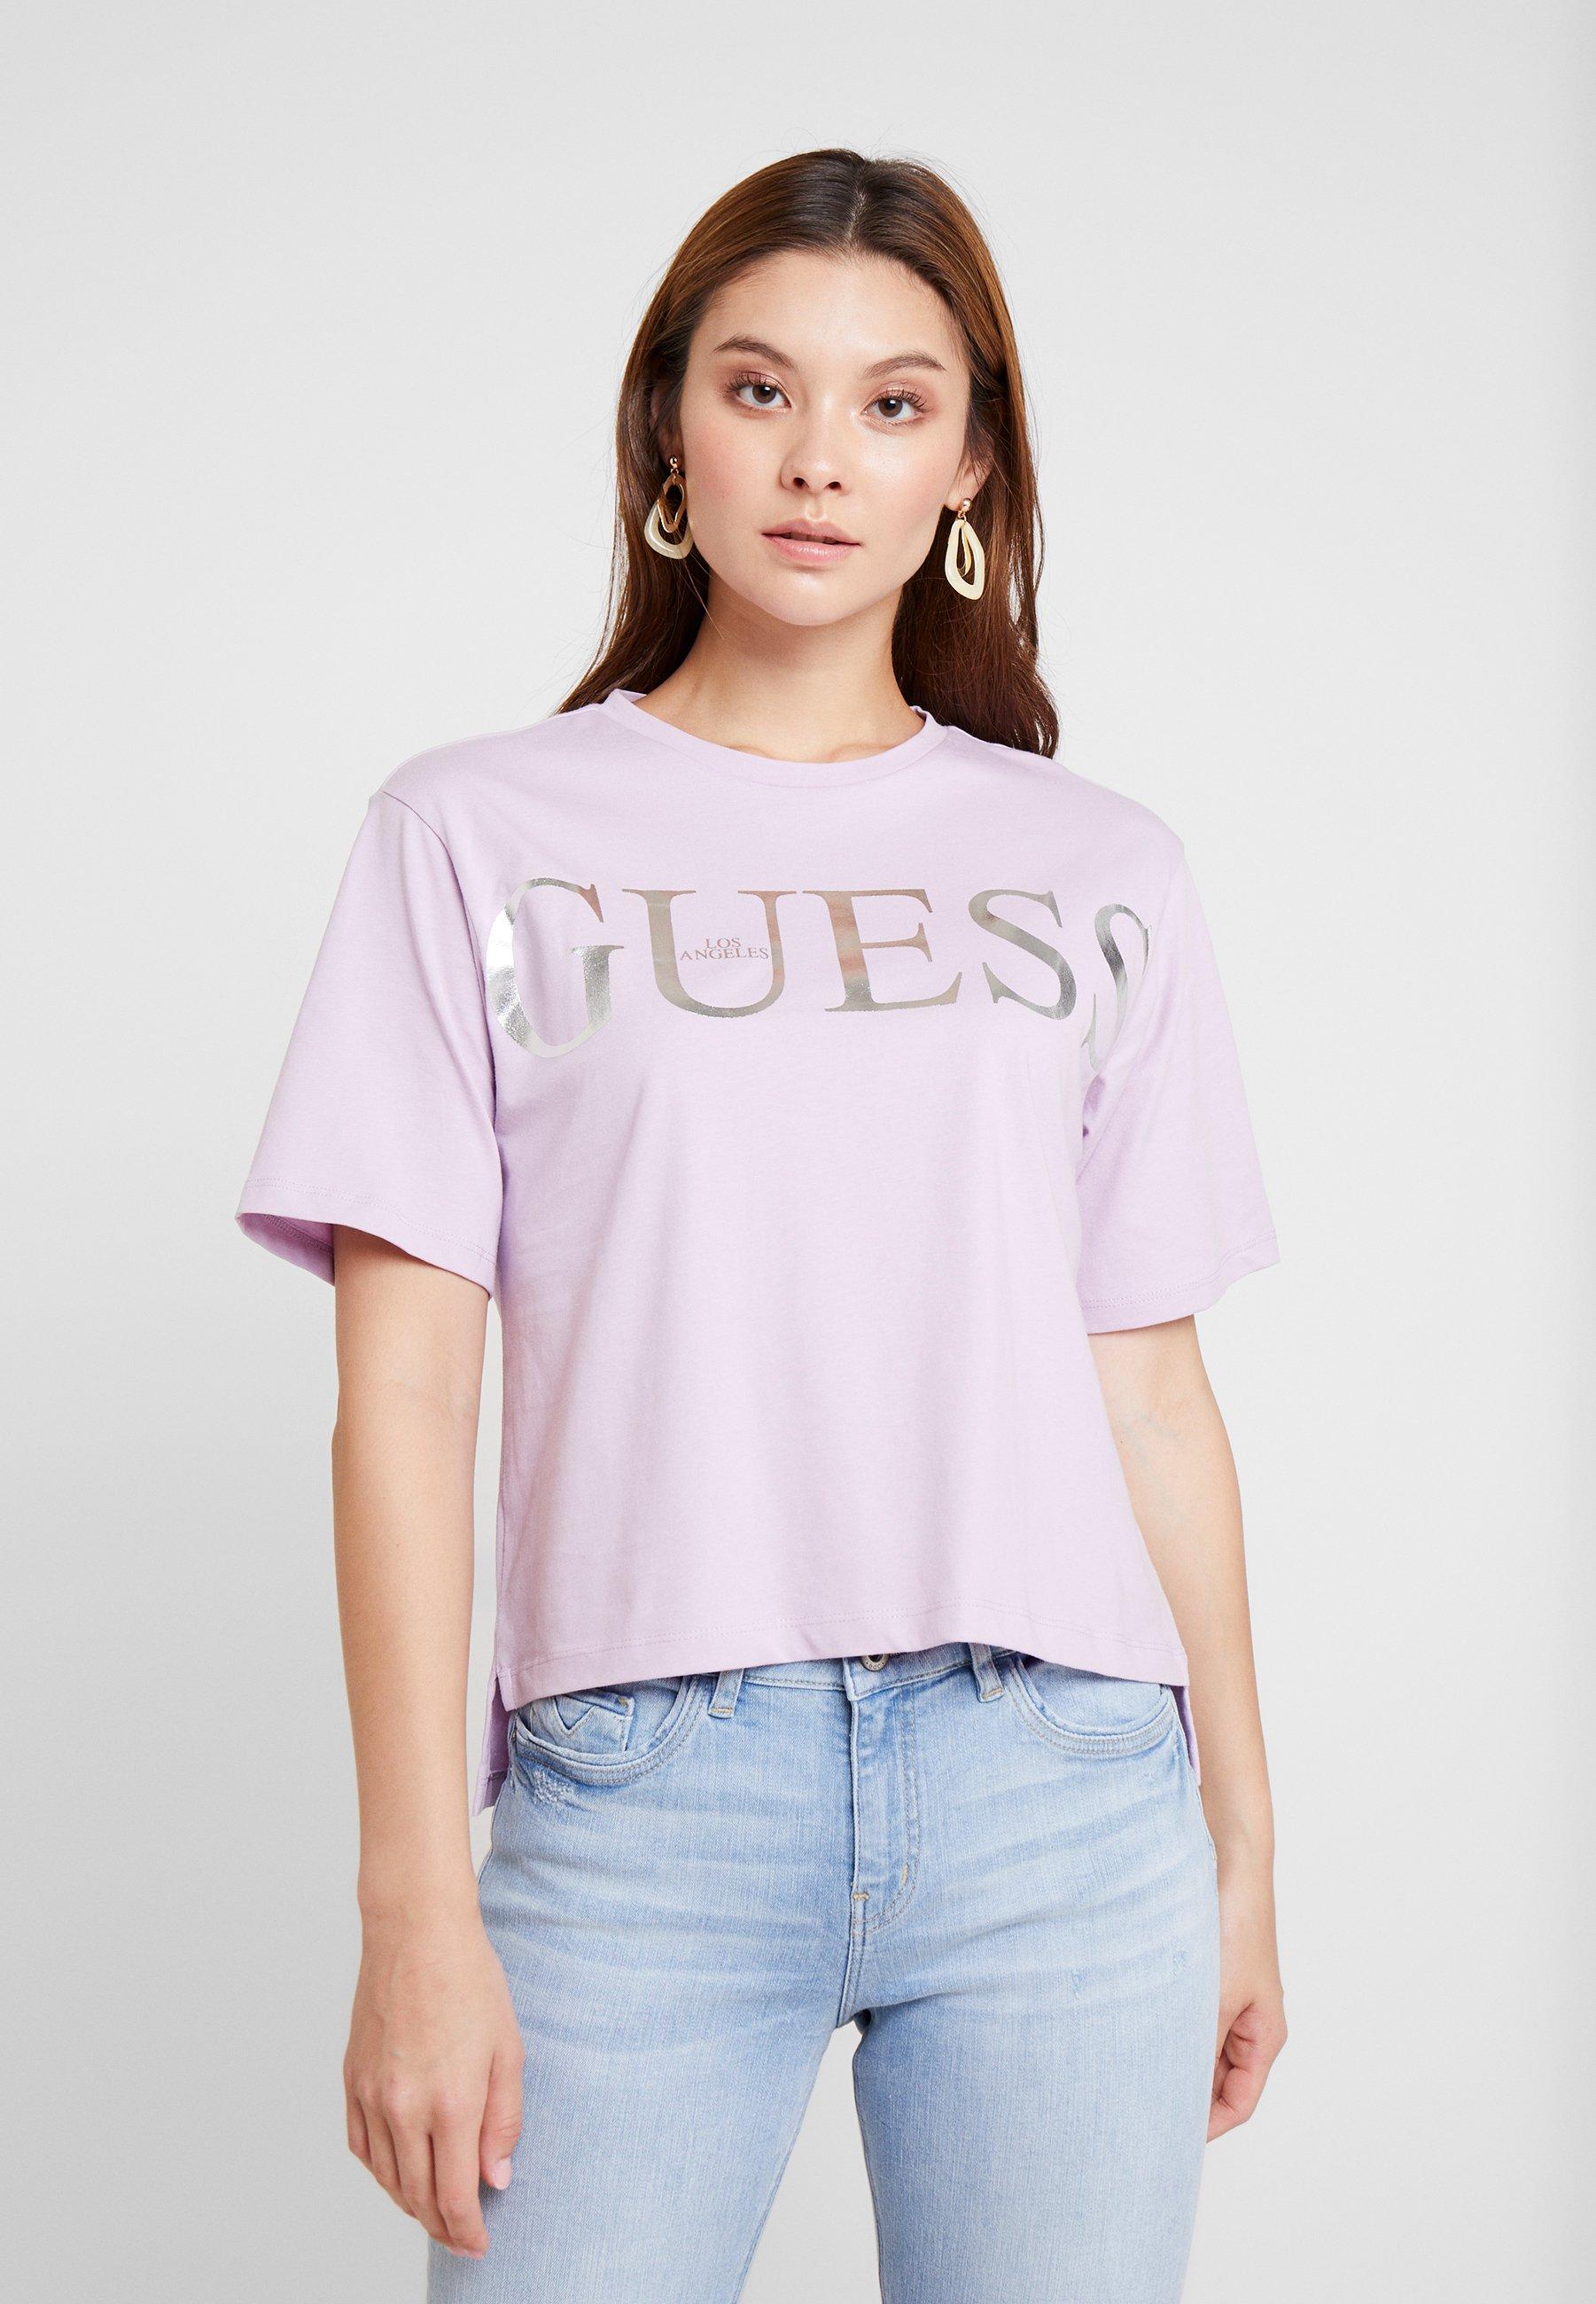 Guess FitT shirt Imprimé Regular Lush Violet OwP8n0k